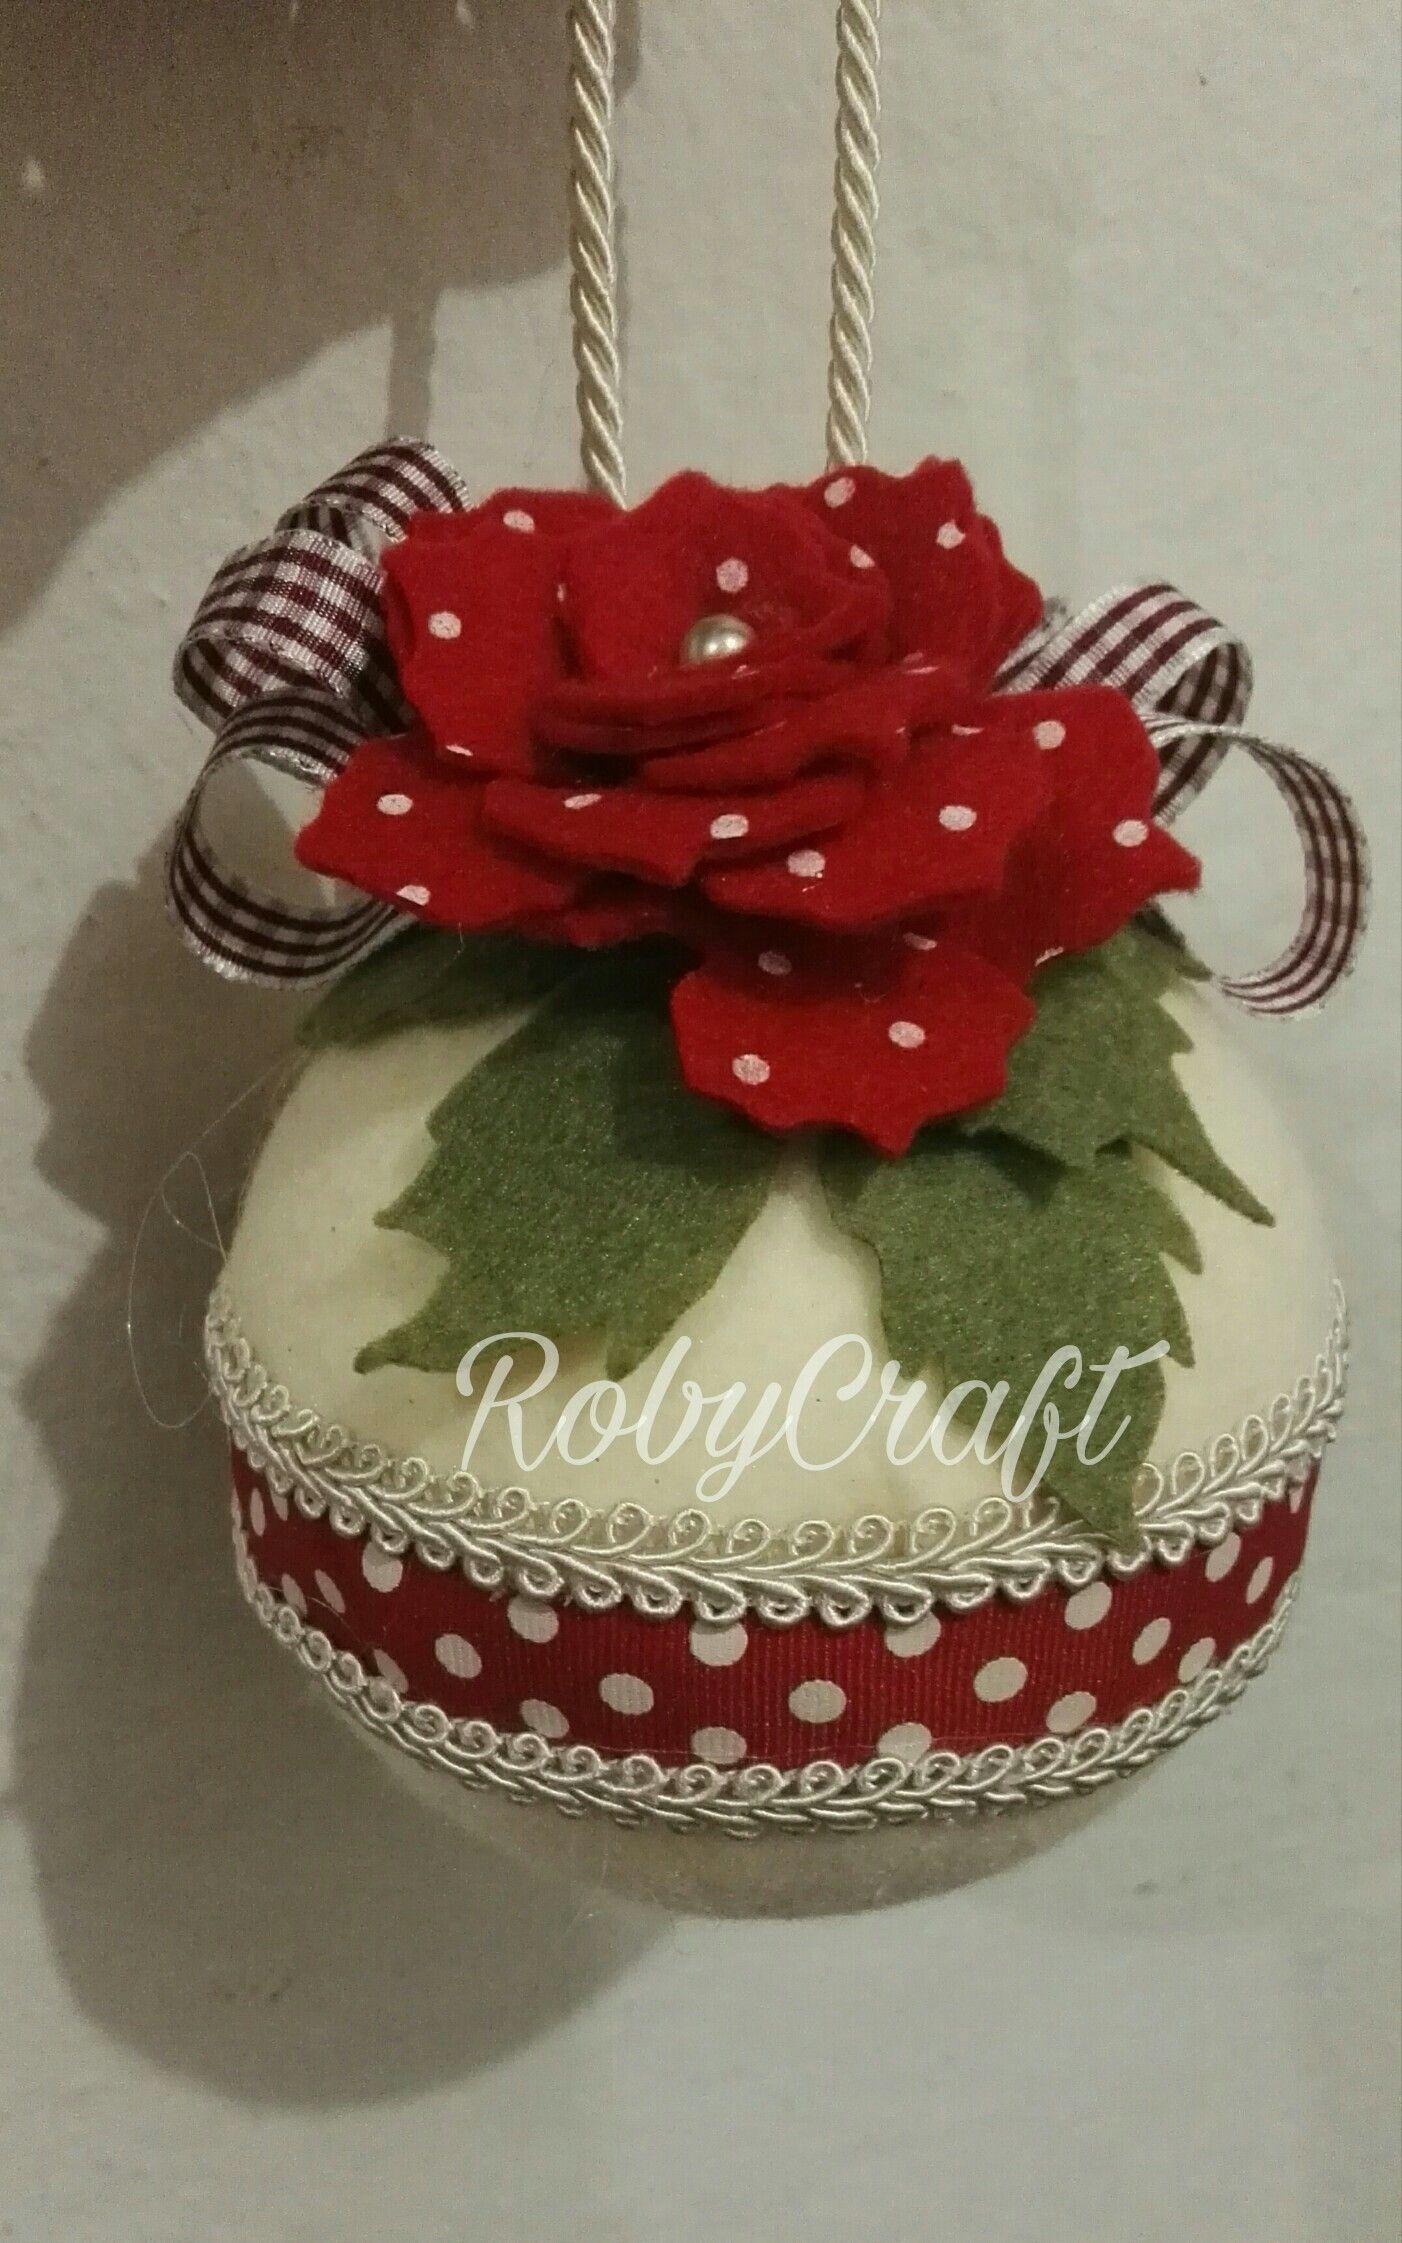 Decorazioni Natalizie In Feltro Pinterest.Palle Di Natale Fieltro Navideno Natale Ornamento Di Natale E